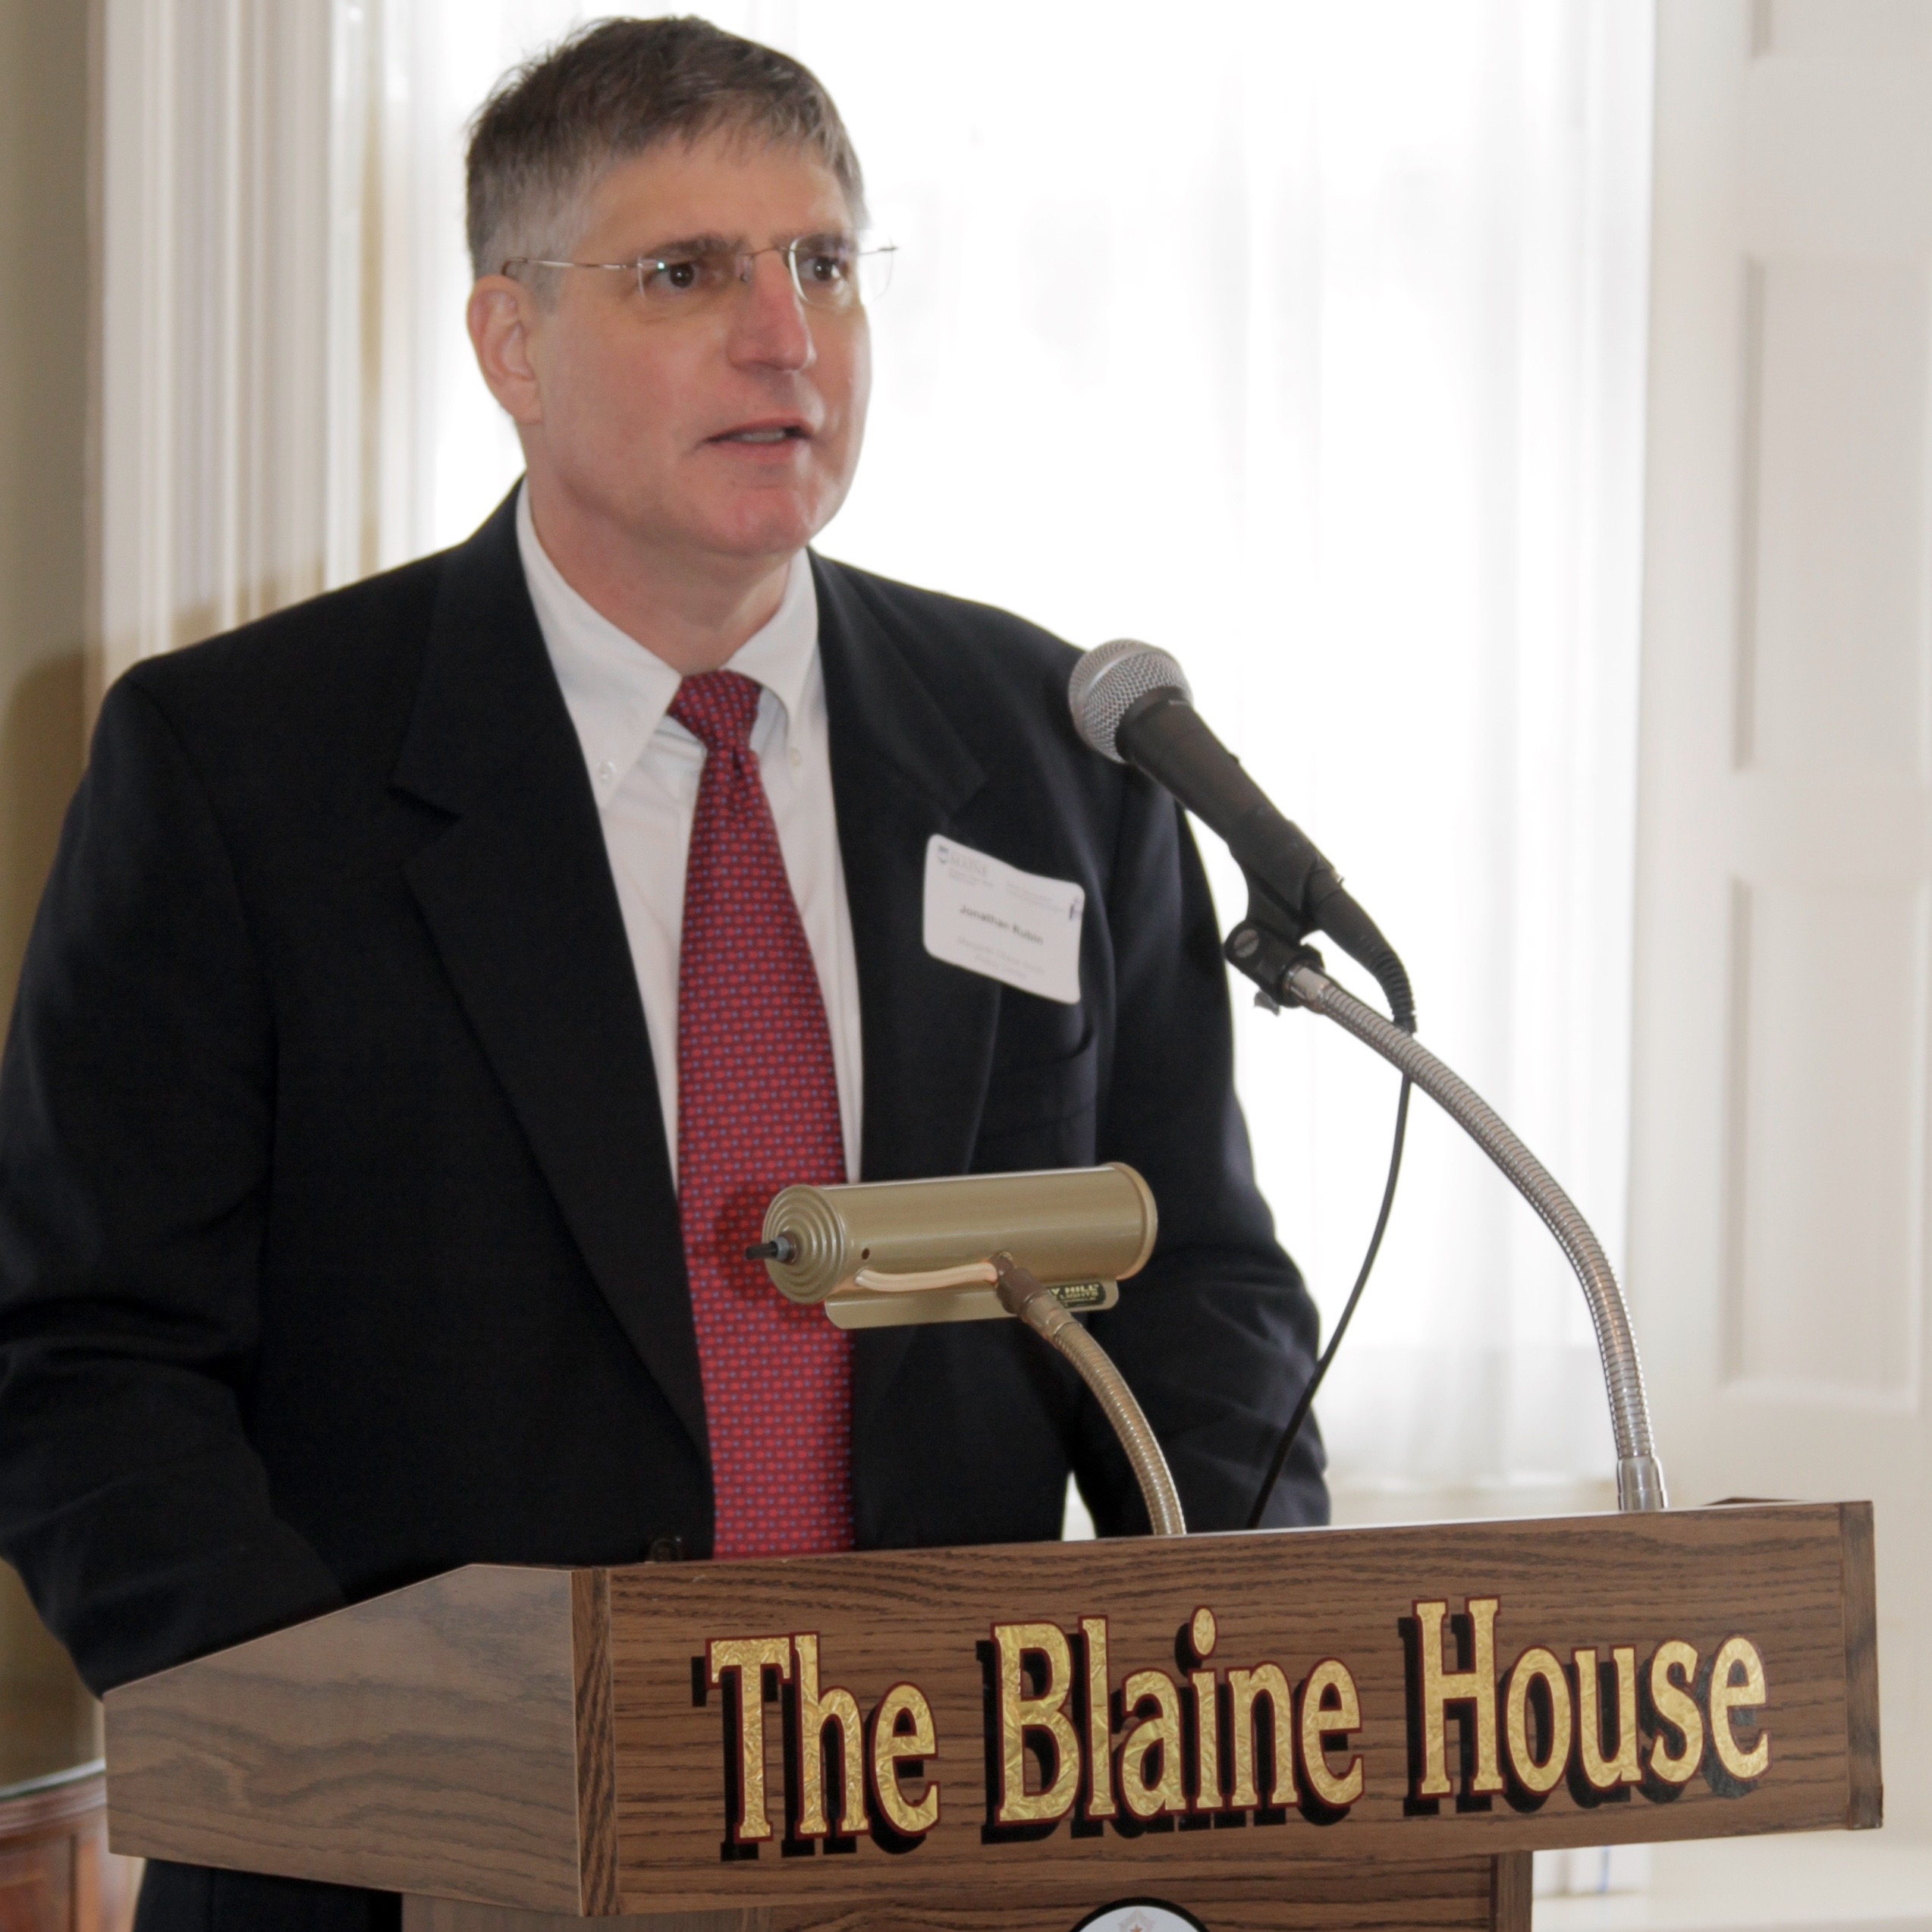 Image of MCSPC Director Jonathan Rubin